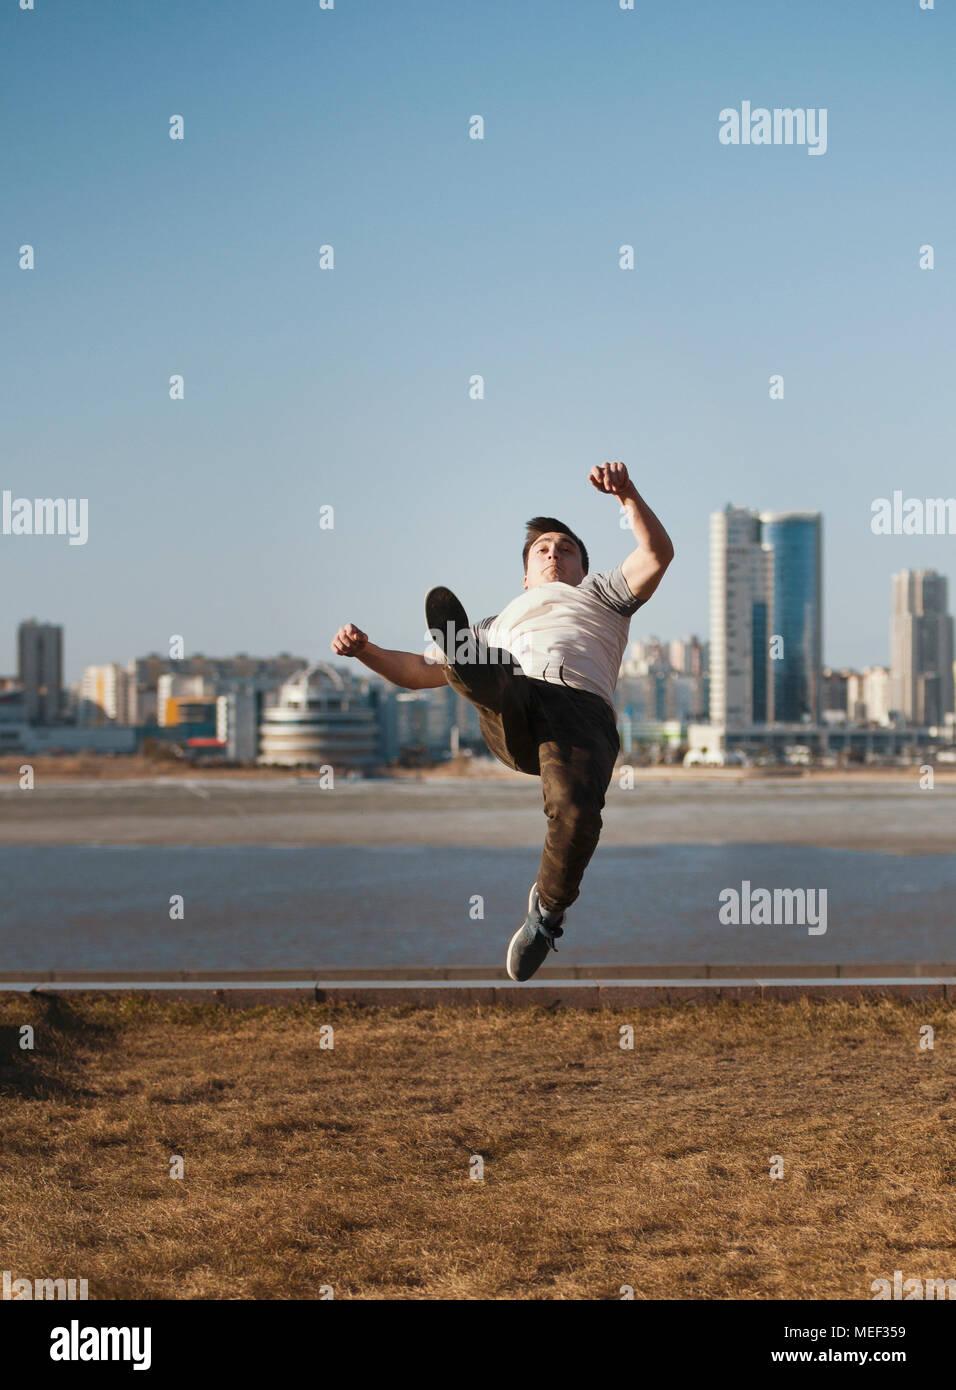 Parkour masculina joven deportista realiza saltos acrobáticos en frente de Skyline Imagen De Stock